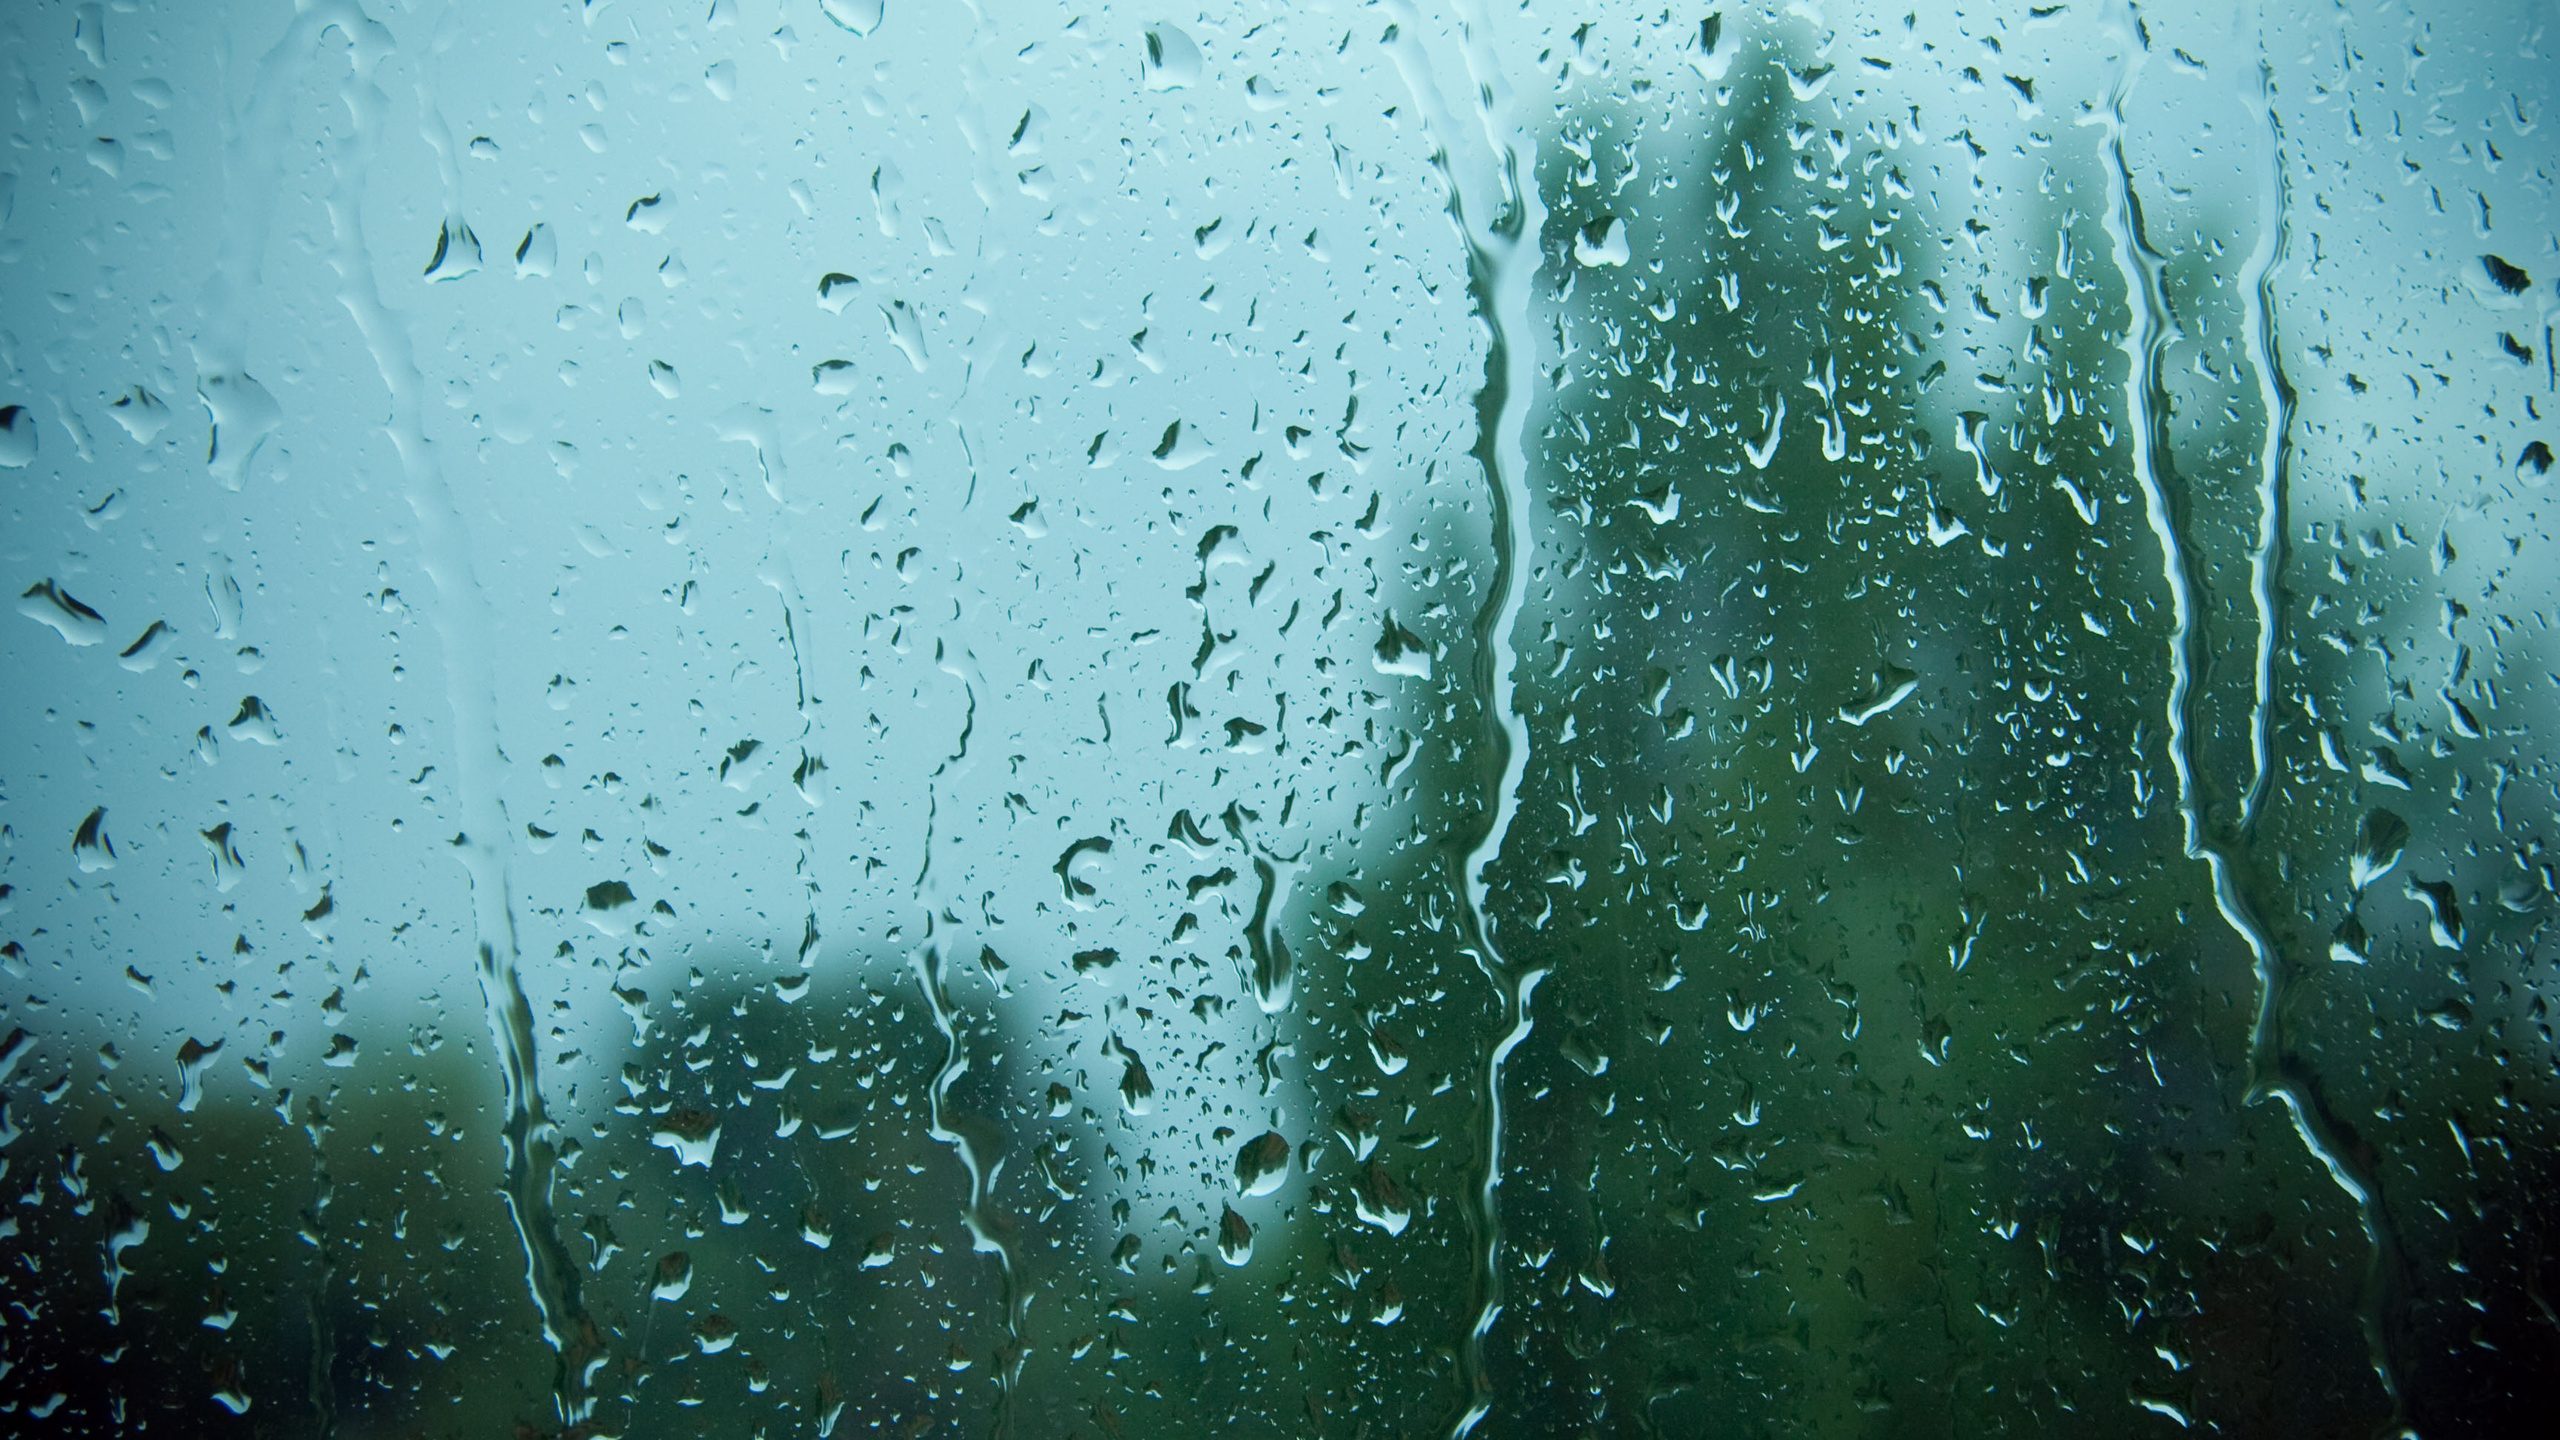 Мокрый экран картинка